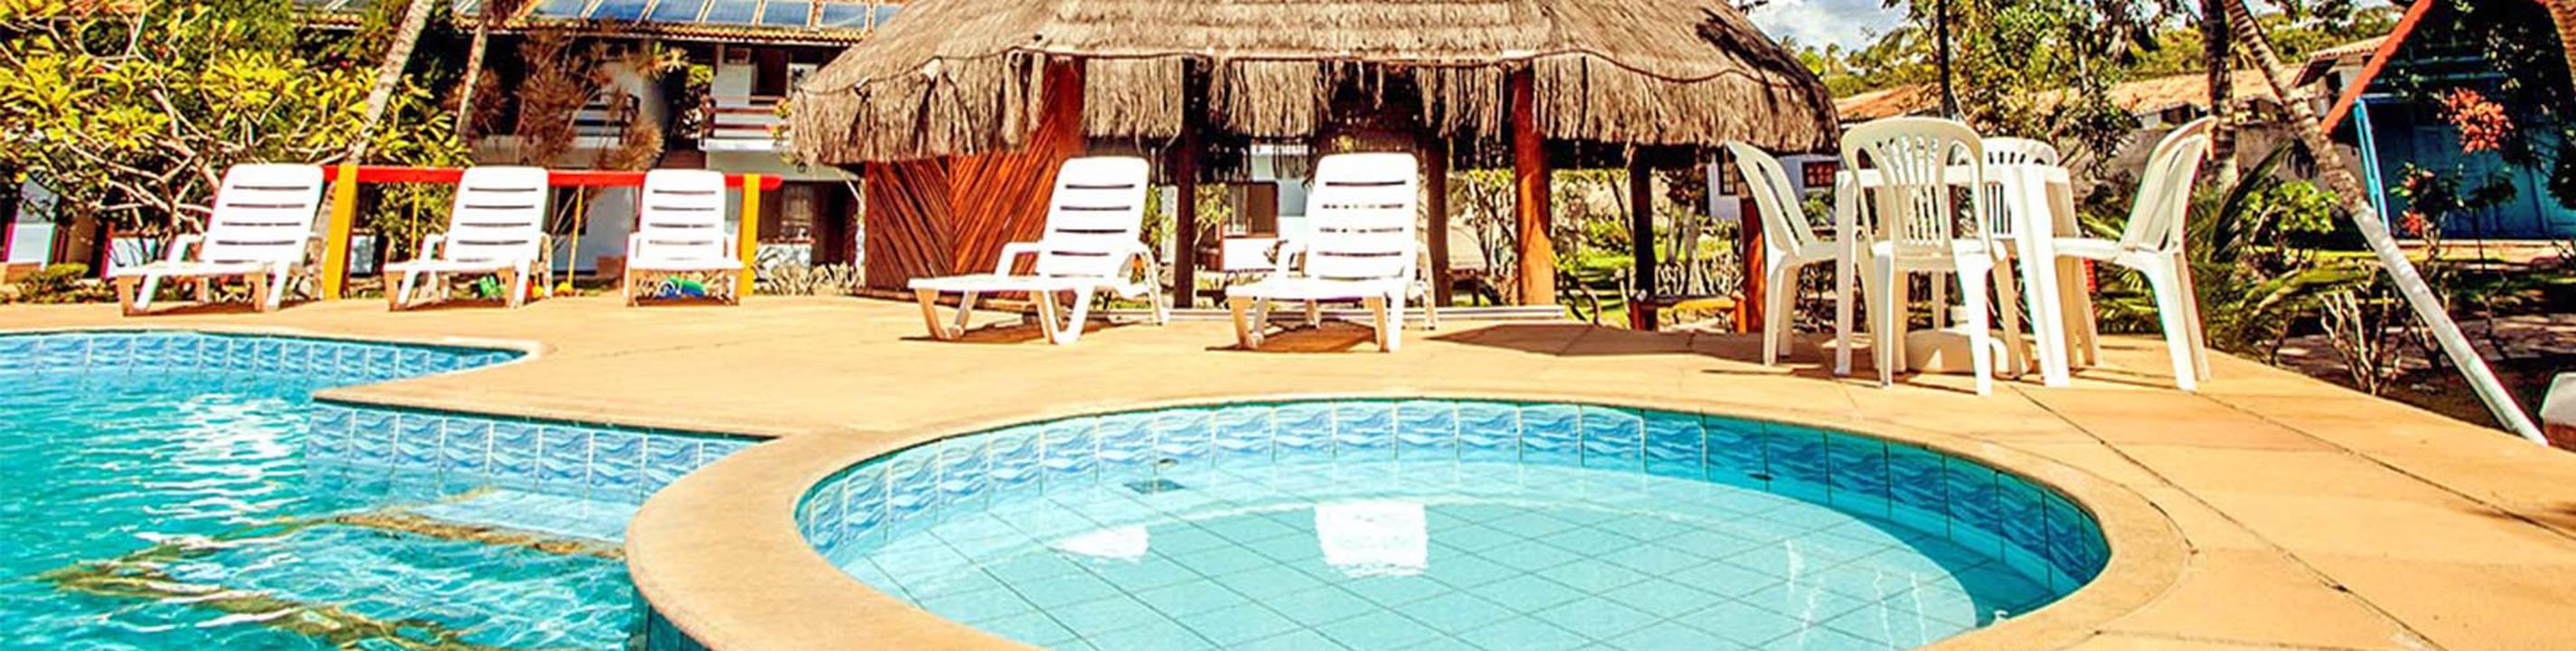 Hotel Itacolomi: Pague 5 e Leve 7 Diárias